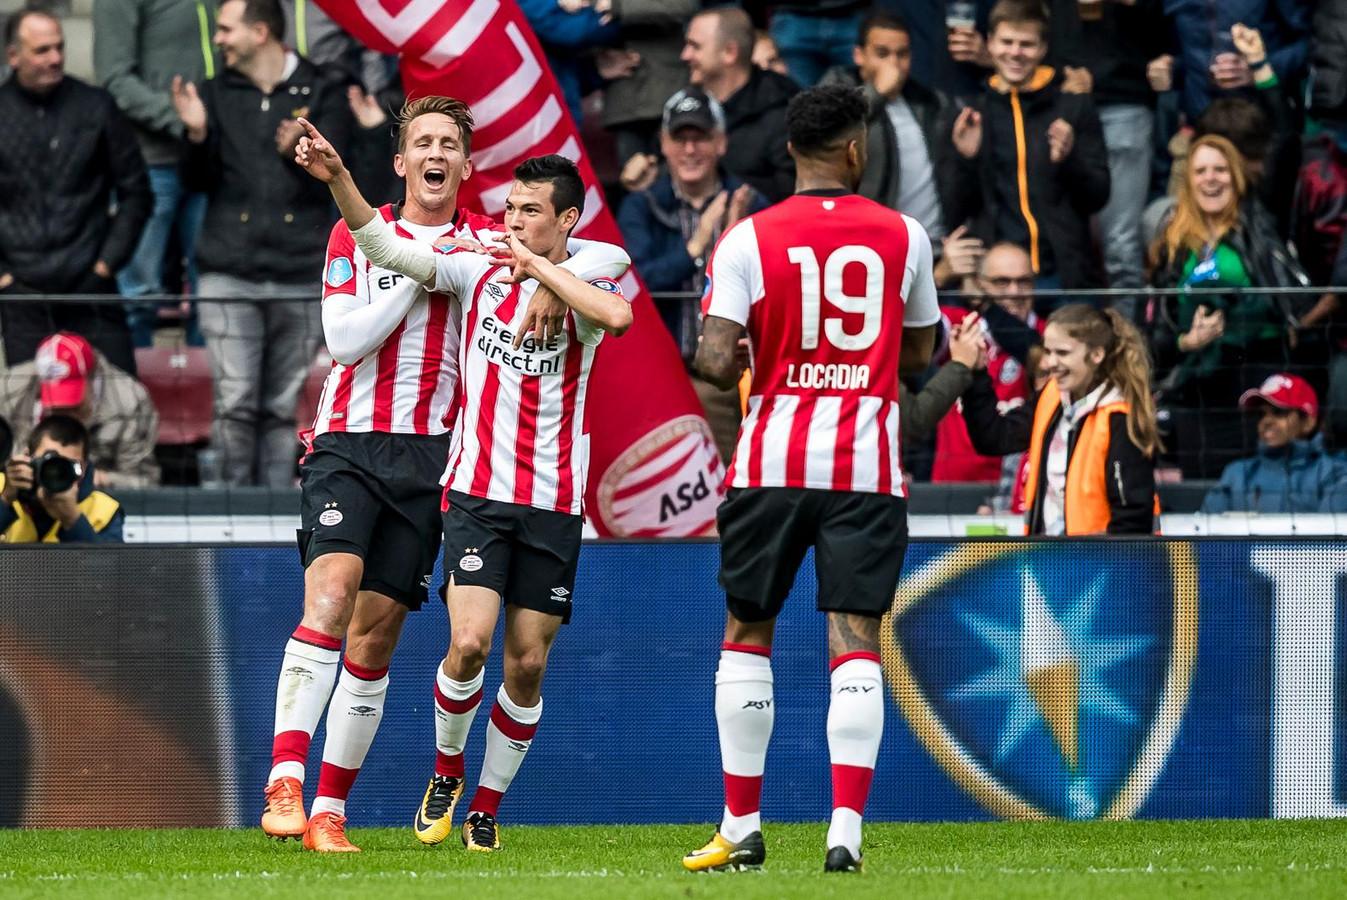 Het aanvalstrio van PSV: Luuk de Jong, Hirving Lozano en Jürgen Locadia.